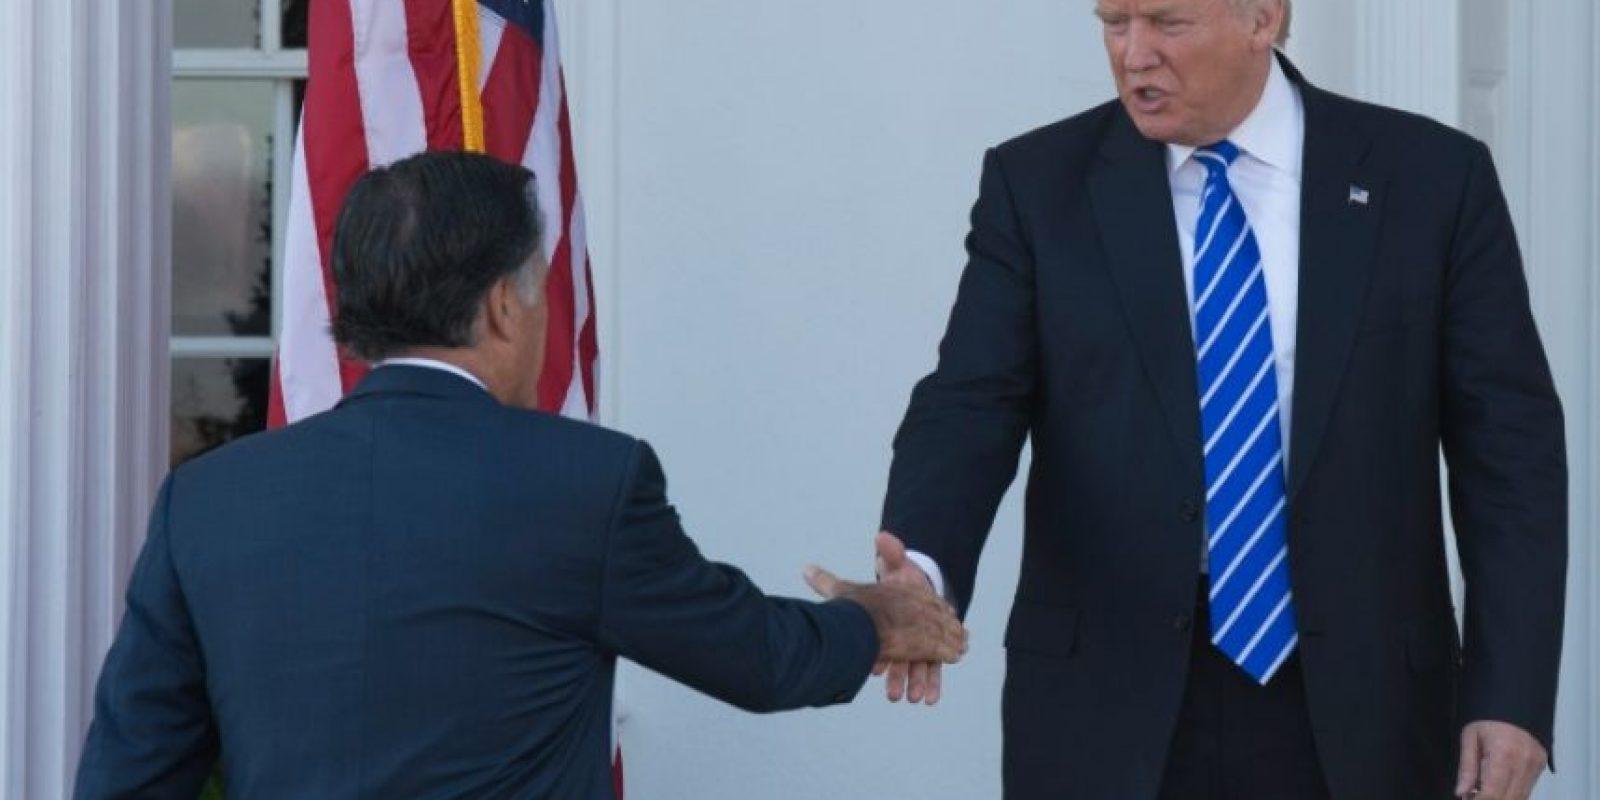 El presidente electo de EEUU, Donald Trump, recibe al excandidato republicano Mitt Romney en su club de golf de Bedminster, Nueva Jersey, el 19 de noviembre de 2016 Foto:Don Emmert/afp.com